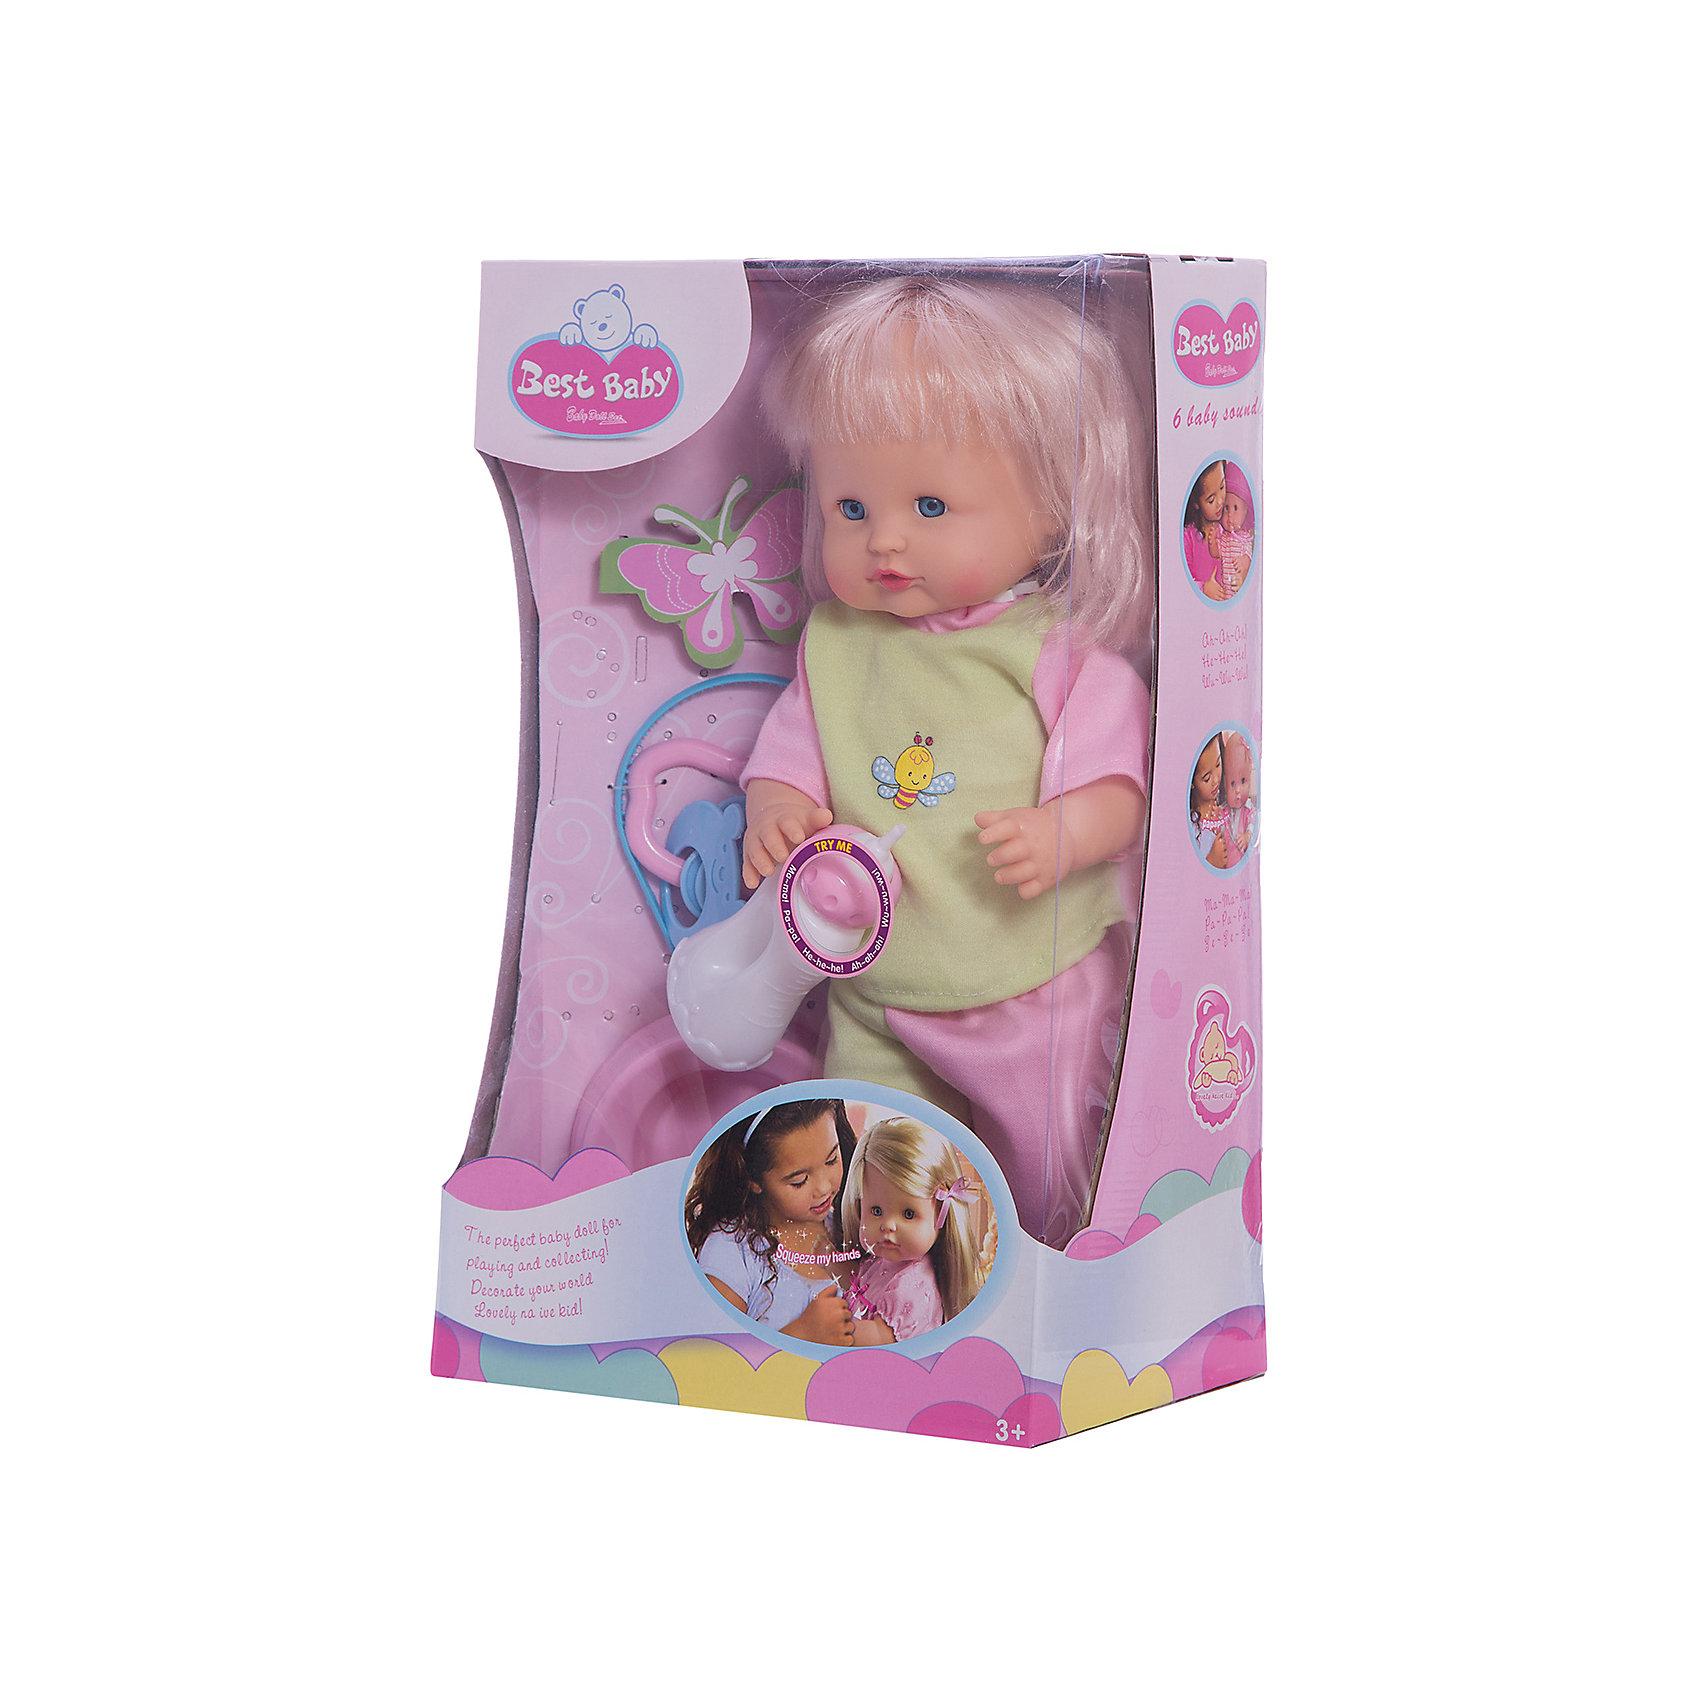 Пупс Сесилия 40 см, озвученный, Shantou GepaiПупс Сесилия 40 см, озвученный, Shantou Gepai - эта интересная кукла выглядит как настоящая маленькая девочка! Более того, в комплекте у этого пупса имеется все необходимые аксессуары по уходу – бутылочка для кормления, горшок, погремушка. Малышка одета в зелено-розовые штанишки и яркую кофточку в тон. Эта кукла умеет говорить, если нажать на ее ручку, она говорит мама, папа и другие слова. Нейтральное выражения лица пупса поможет ребенку придумать множество своих сценариев и чувств куклы, закладывая фундамент социальных навыков и социального развития. Играя с куклами дети познают человека, как с физиологической, так и с стороны общения между людьми, развивается моторика рук, внимание, воображение, такие игры положительно влияют на психологическое развитие. <br><br>Дополнительная информация:<br><br>- В комплект входит: 1 кукла в одежде, бутылочка, горшок, погремушка<br>- Материал: ПВХ, текстиль, пластик <br>- Размер куклы: 40 см<br><br>Пупса Сесилия 40 см, озвученного, Shantou Gepai можно купить в нашем интернет-магазине.<br><br>Подробнее:<br>• Для детей в возрасте: от 3 до 10 лет<br>• Номер товара: 4925590<br>Страна производитель: Китай<br><br>Ширина мм: 250<br>Глубина мм: 150<br>Высота мм: 380<br>Вес г: 4519<br>Возраст от месяцев: 36<br>Возраст до месяцев: 120<br>Пол: Женский<br>Возраст: Детский<br>SKU: 4925590